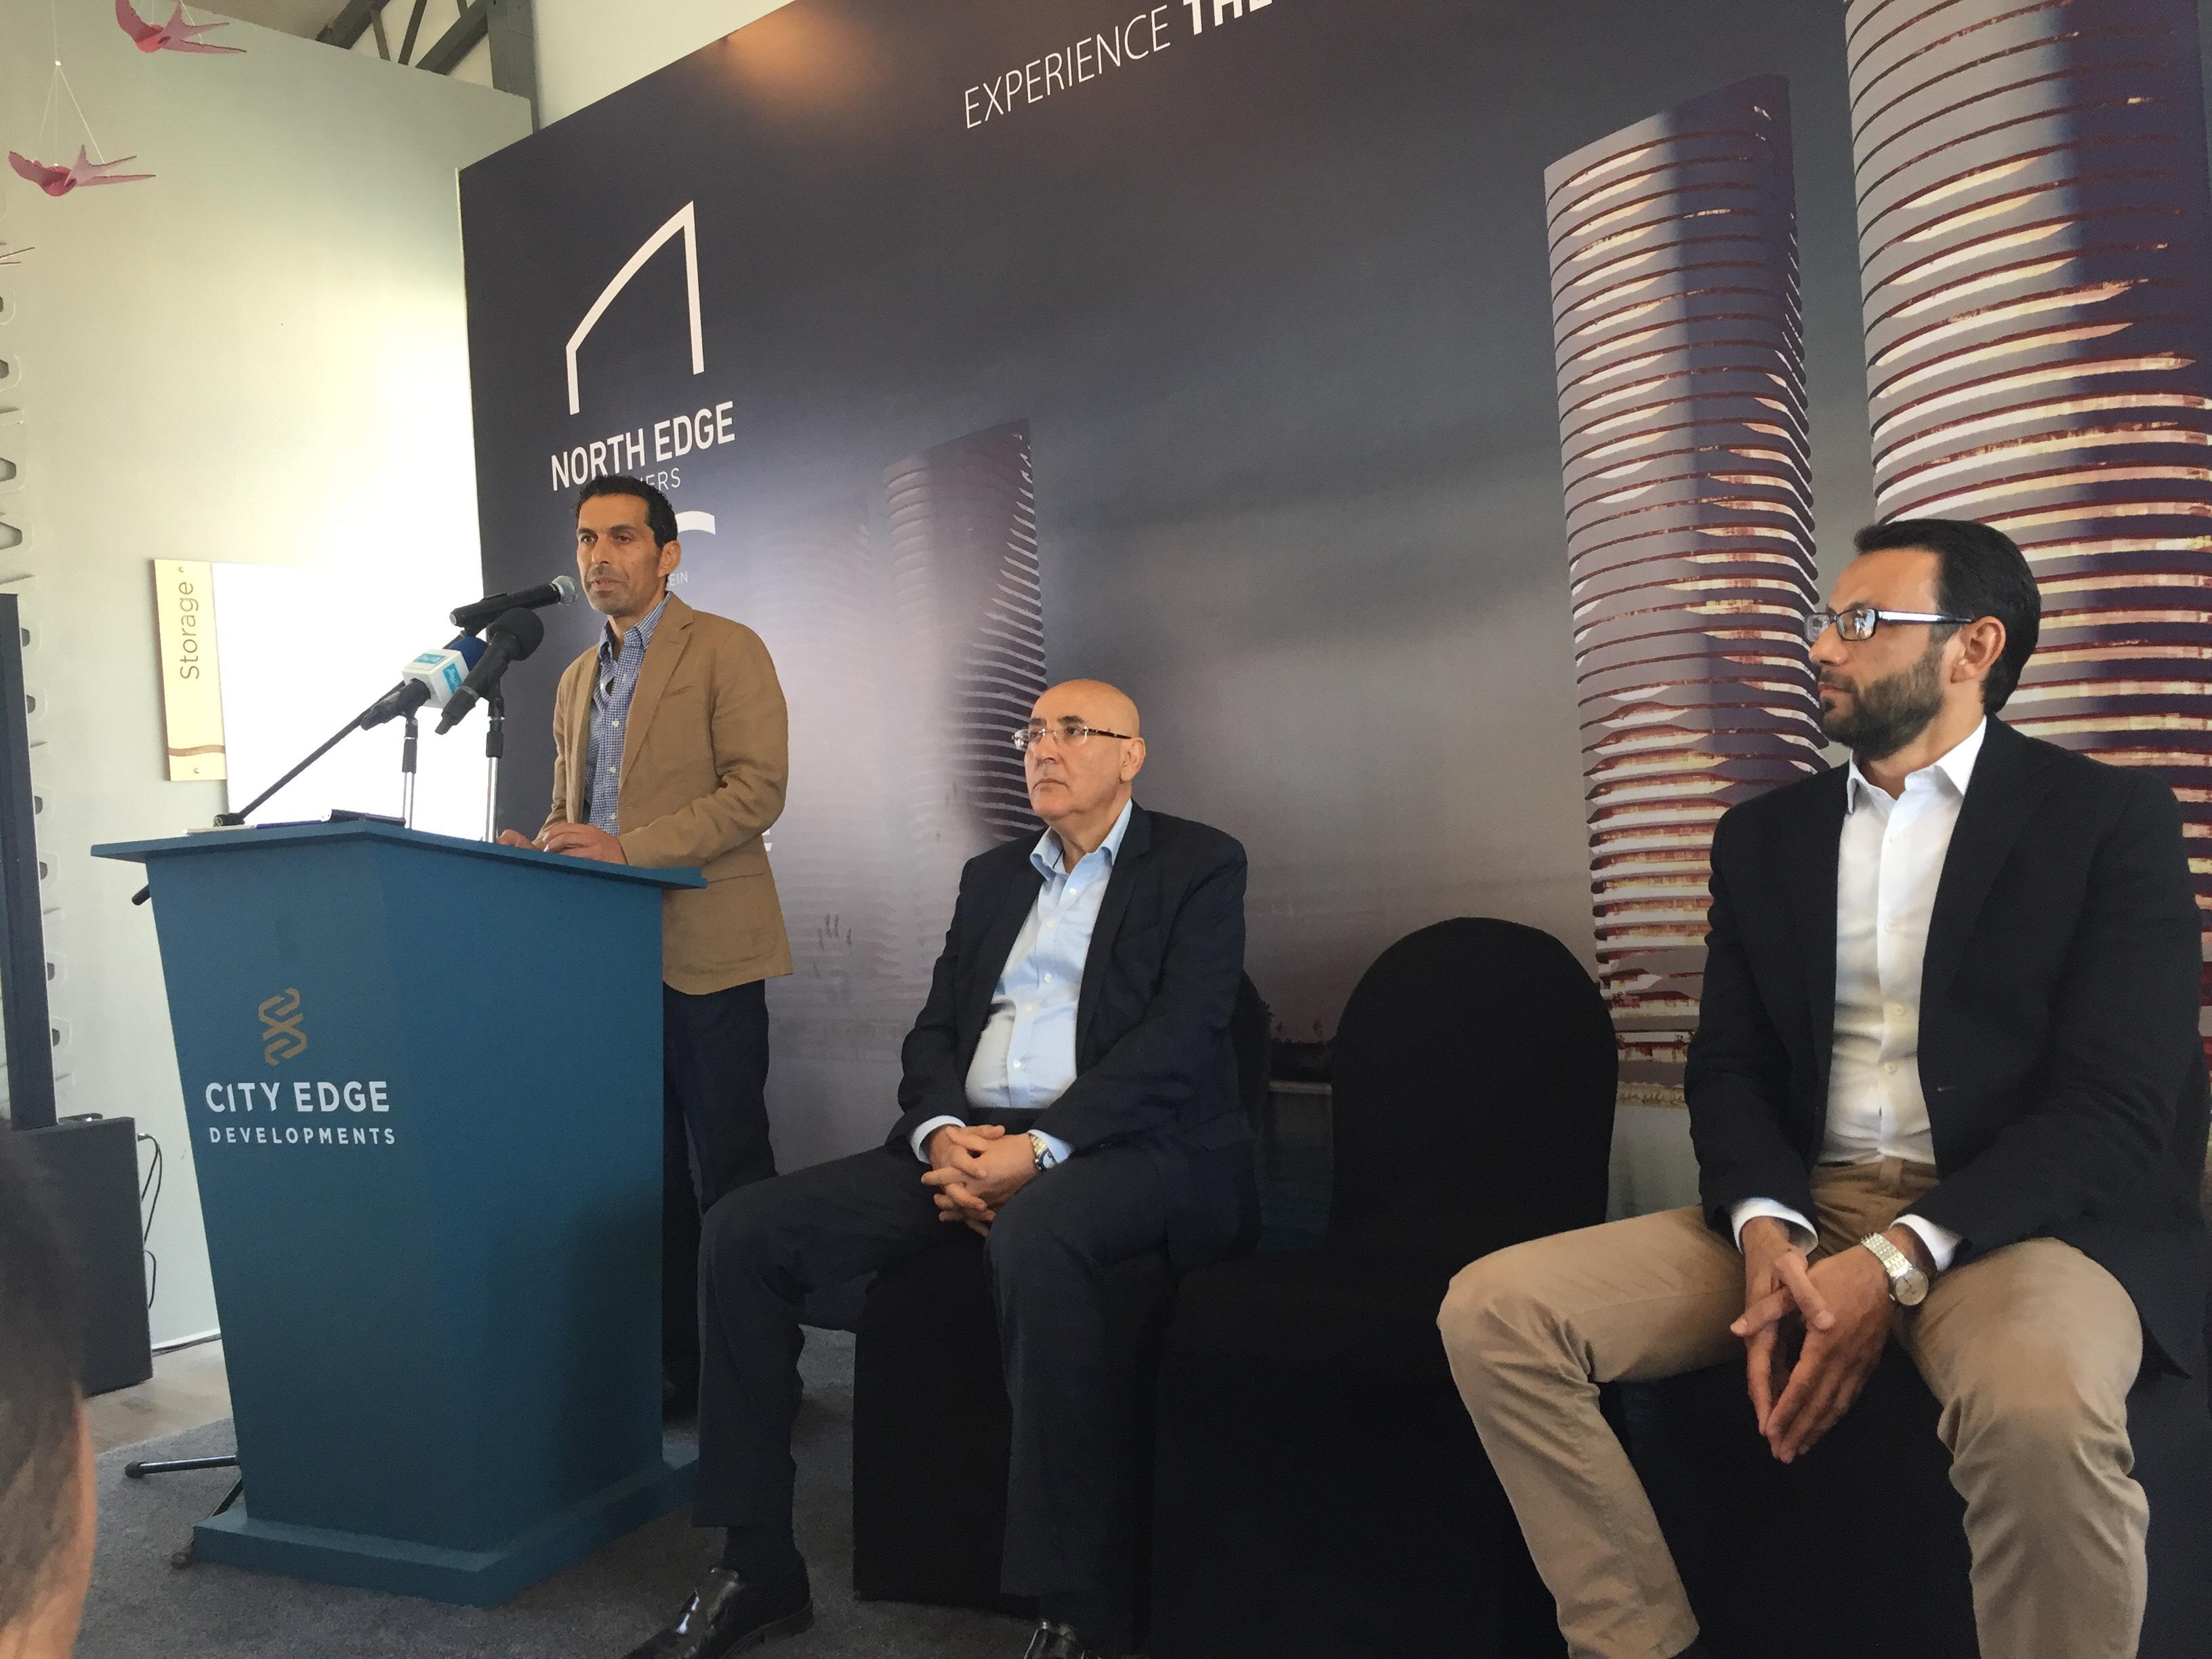 مؤتمر للاعلان عن تفاصيل تسويق ابراج مدينة العلمين الجديدة (8)